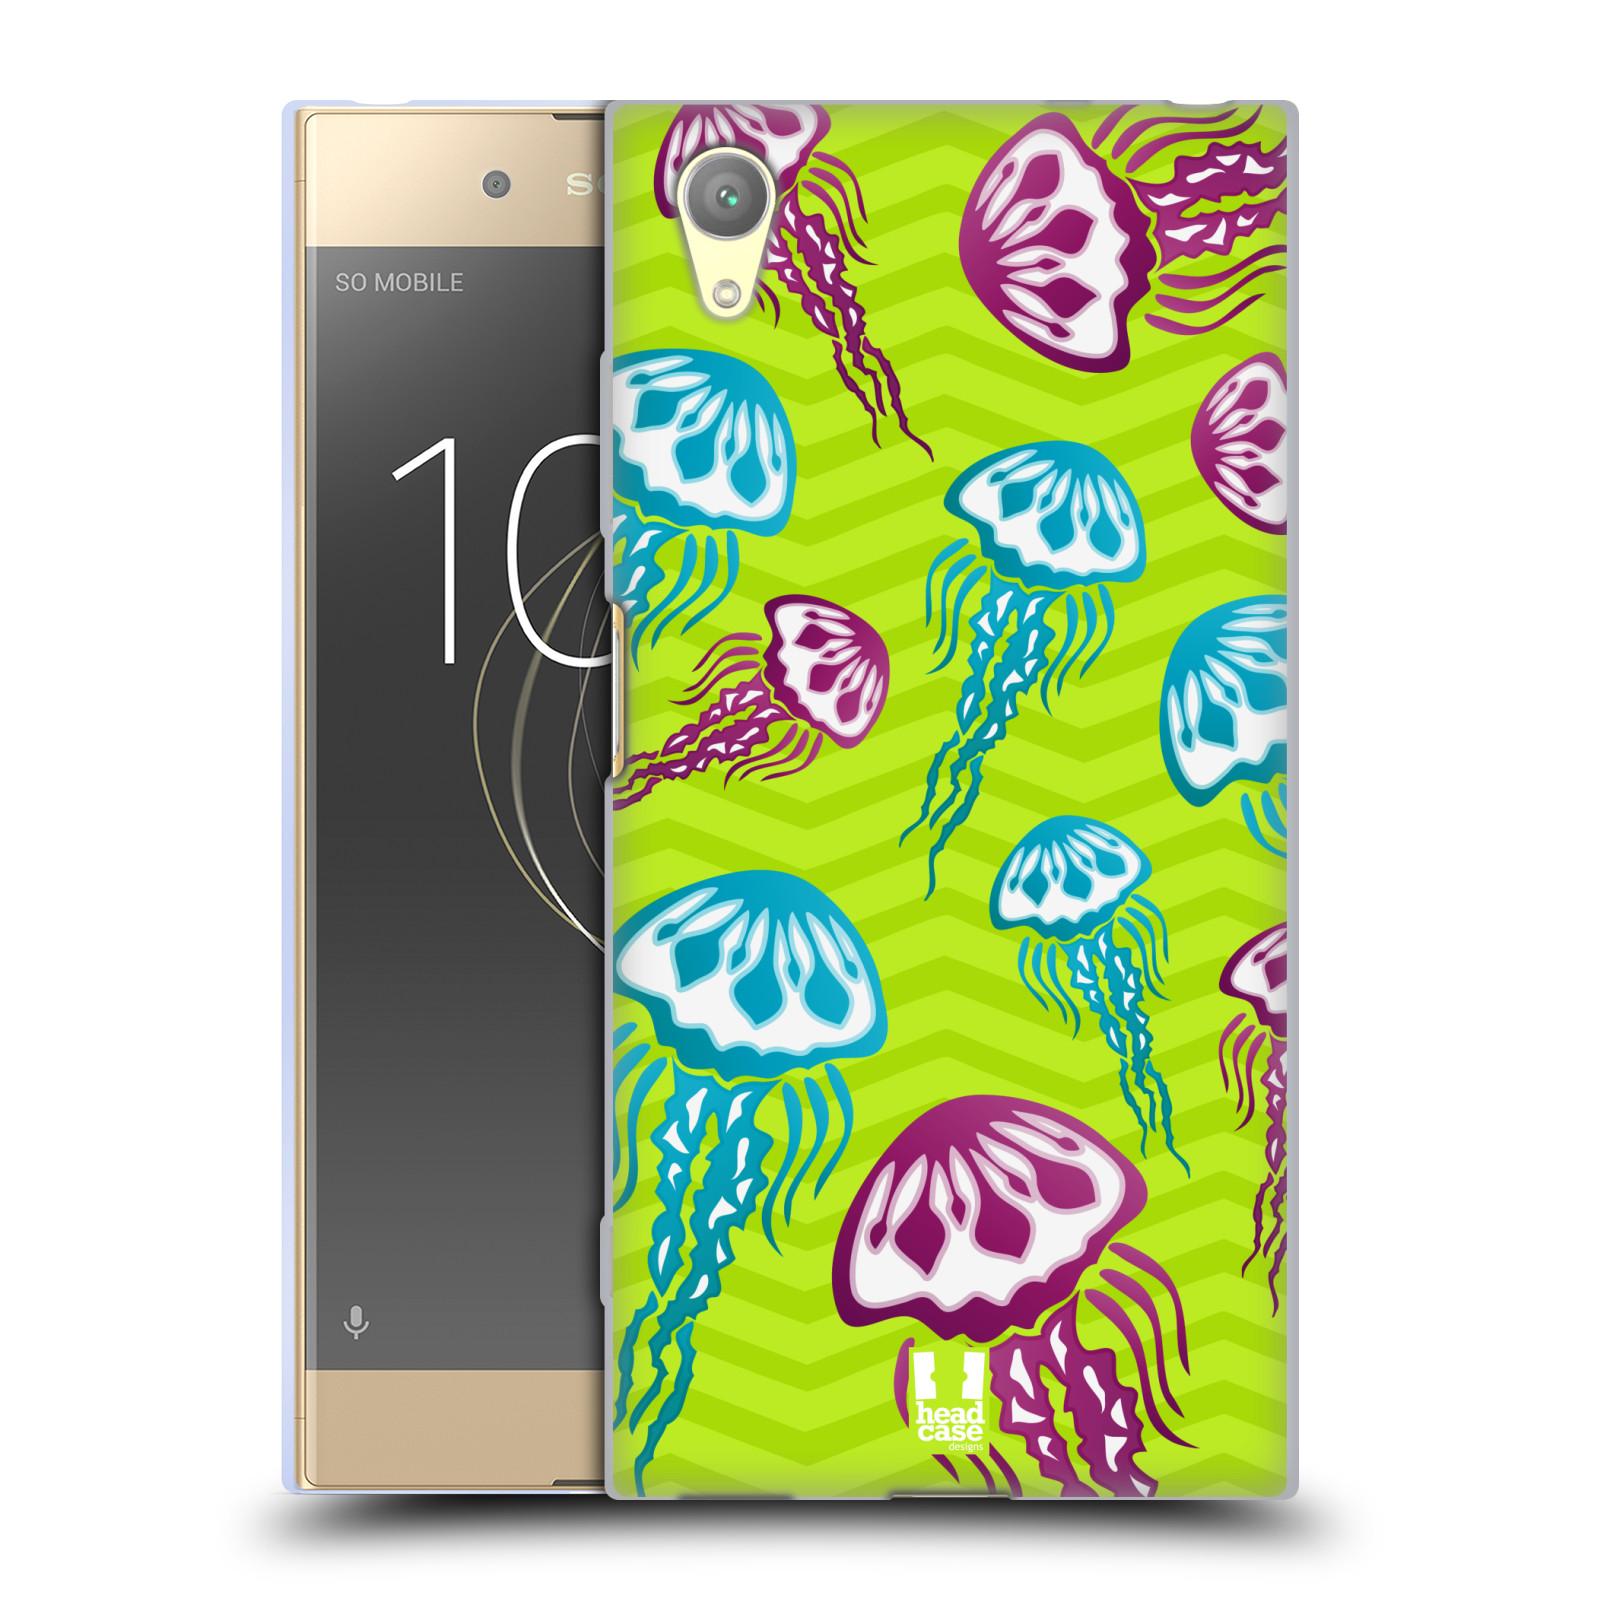 HEAD CASE silikonový obal na mobil Sony Xperia XA1 PLUS vzor mořský živočich medůza